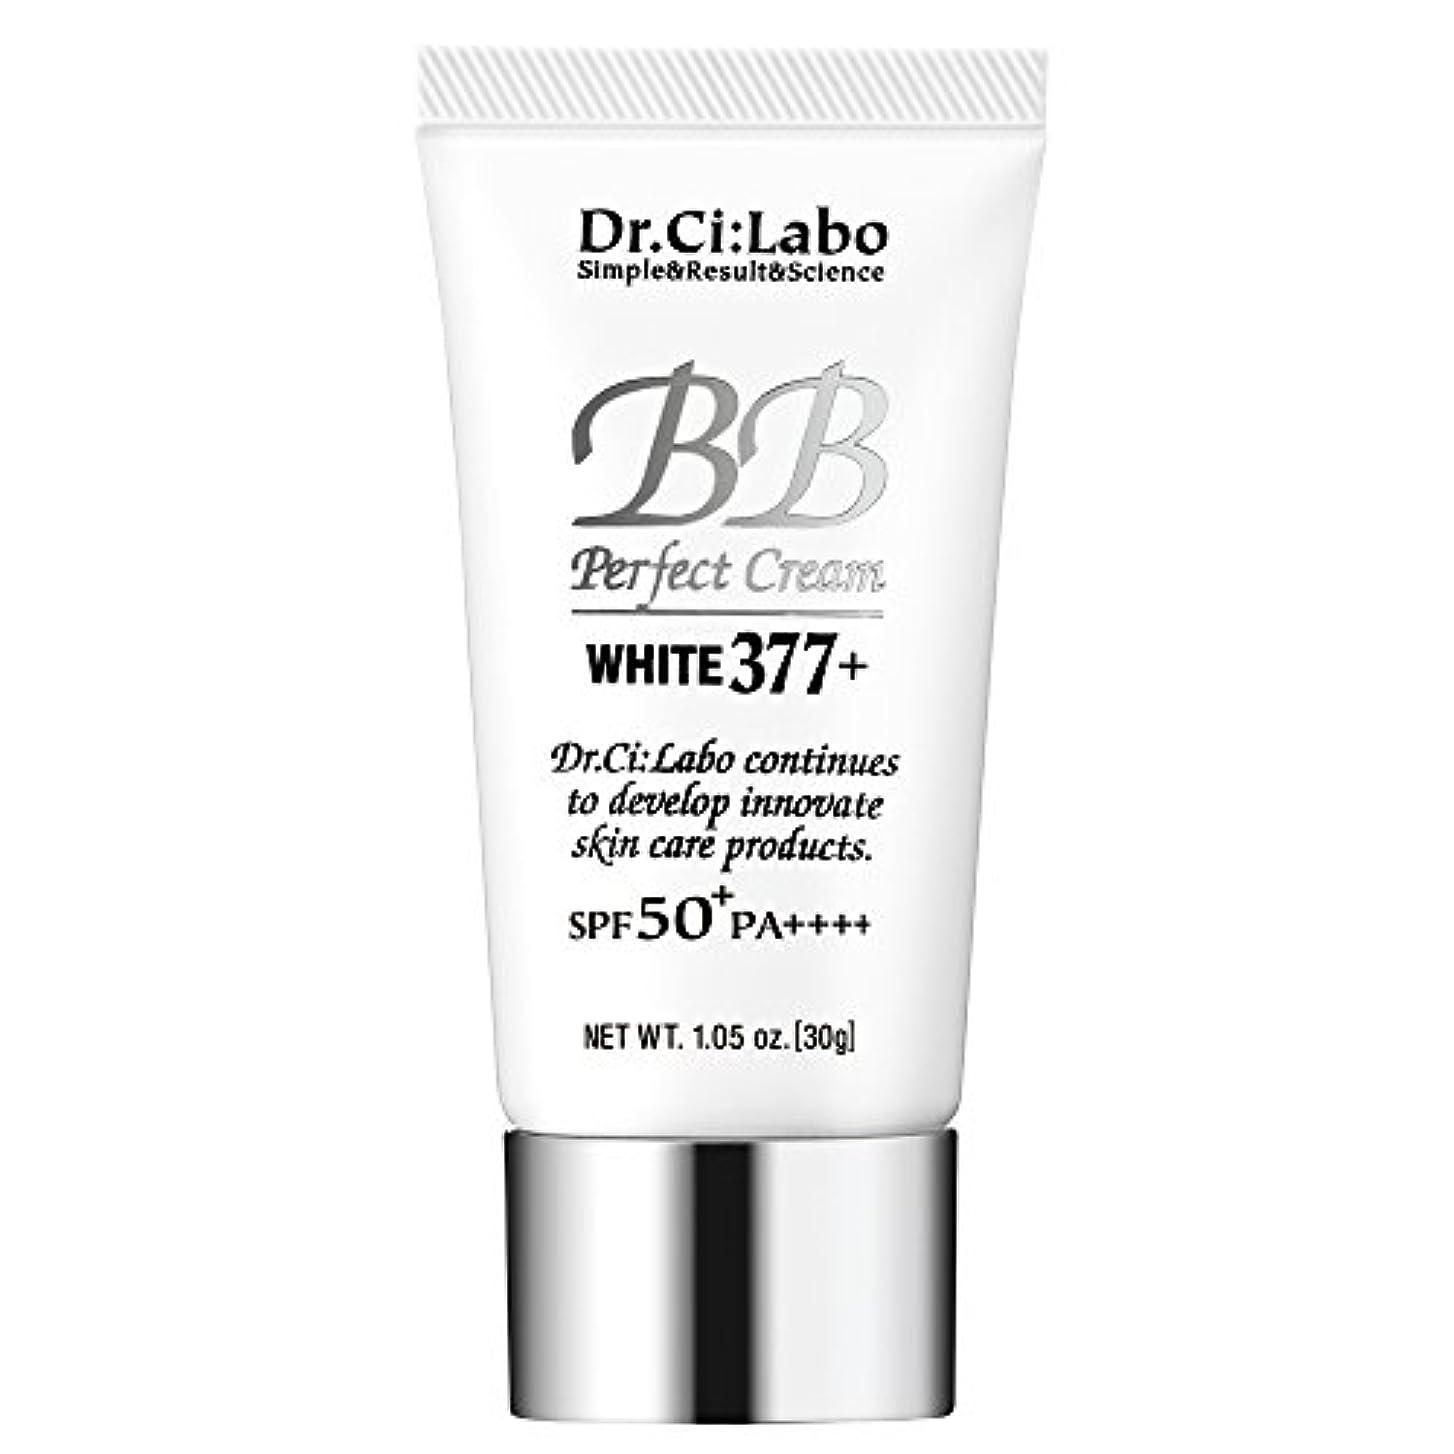 ファーザーファージュ適応的始めるドクターシーラボ BBパーフェクトクリーム ホワイト377+ 30g 多機能ファンデーション 化粧下地